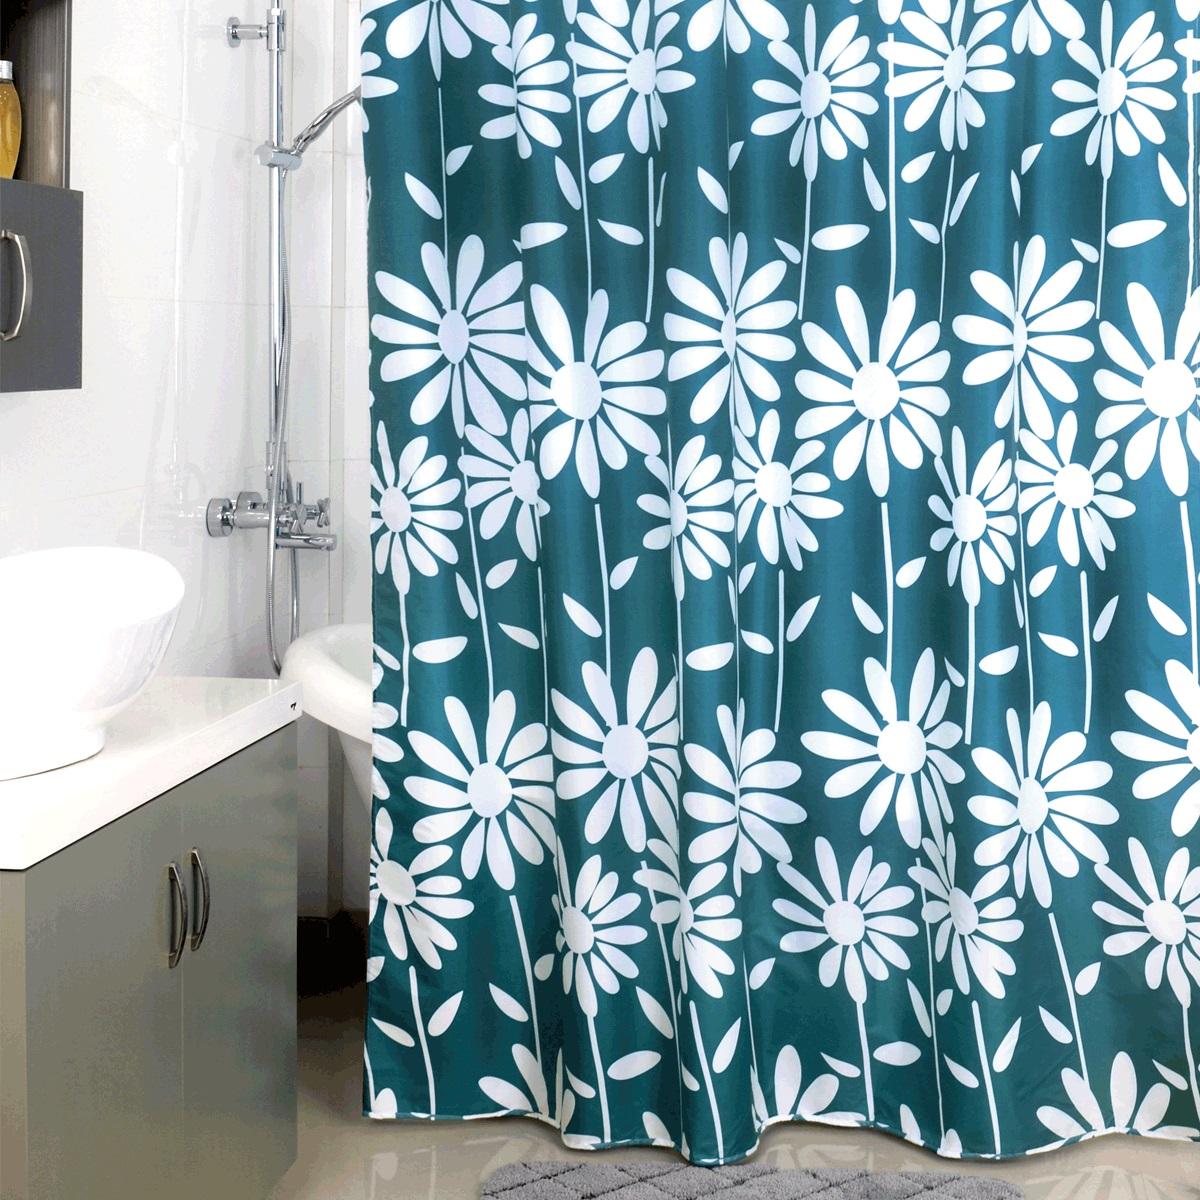 Штора для ванной Milardo Flowers Blue, цвет: синий, 180 x 200 см950P180M11Штора для ванной Milardo Flowers Blue, изготовленная из полиэстера - водонепроницаемого, мягкого на ощупь и прочного материала, идеально защищает ванную комнату от брызг. В верхней кромке шторы предусмотрены металлические отверстия для колец, которые входят в комплект.Штора Milardo Flowers Blue порадует вас своим ярким дизайном и добавит уюта в ванную комнату. Плотность: 90 г/м.Количество колец: 12 шт.